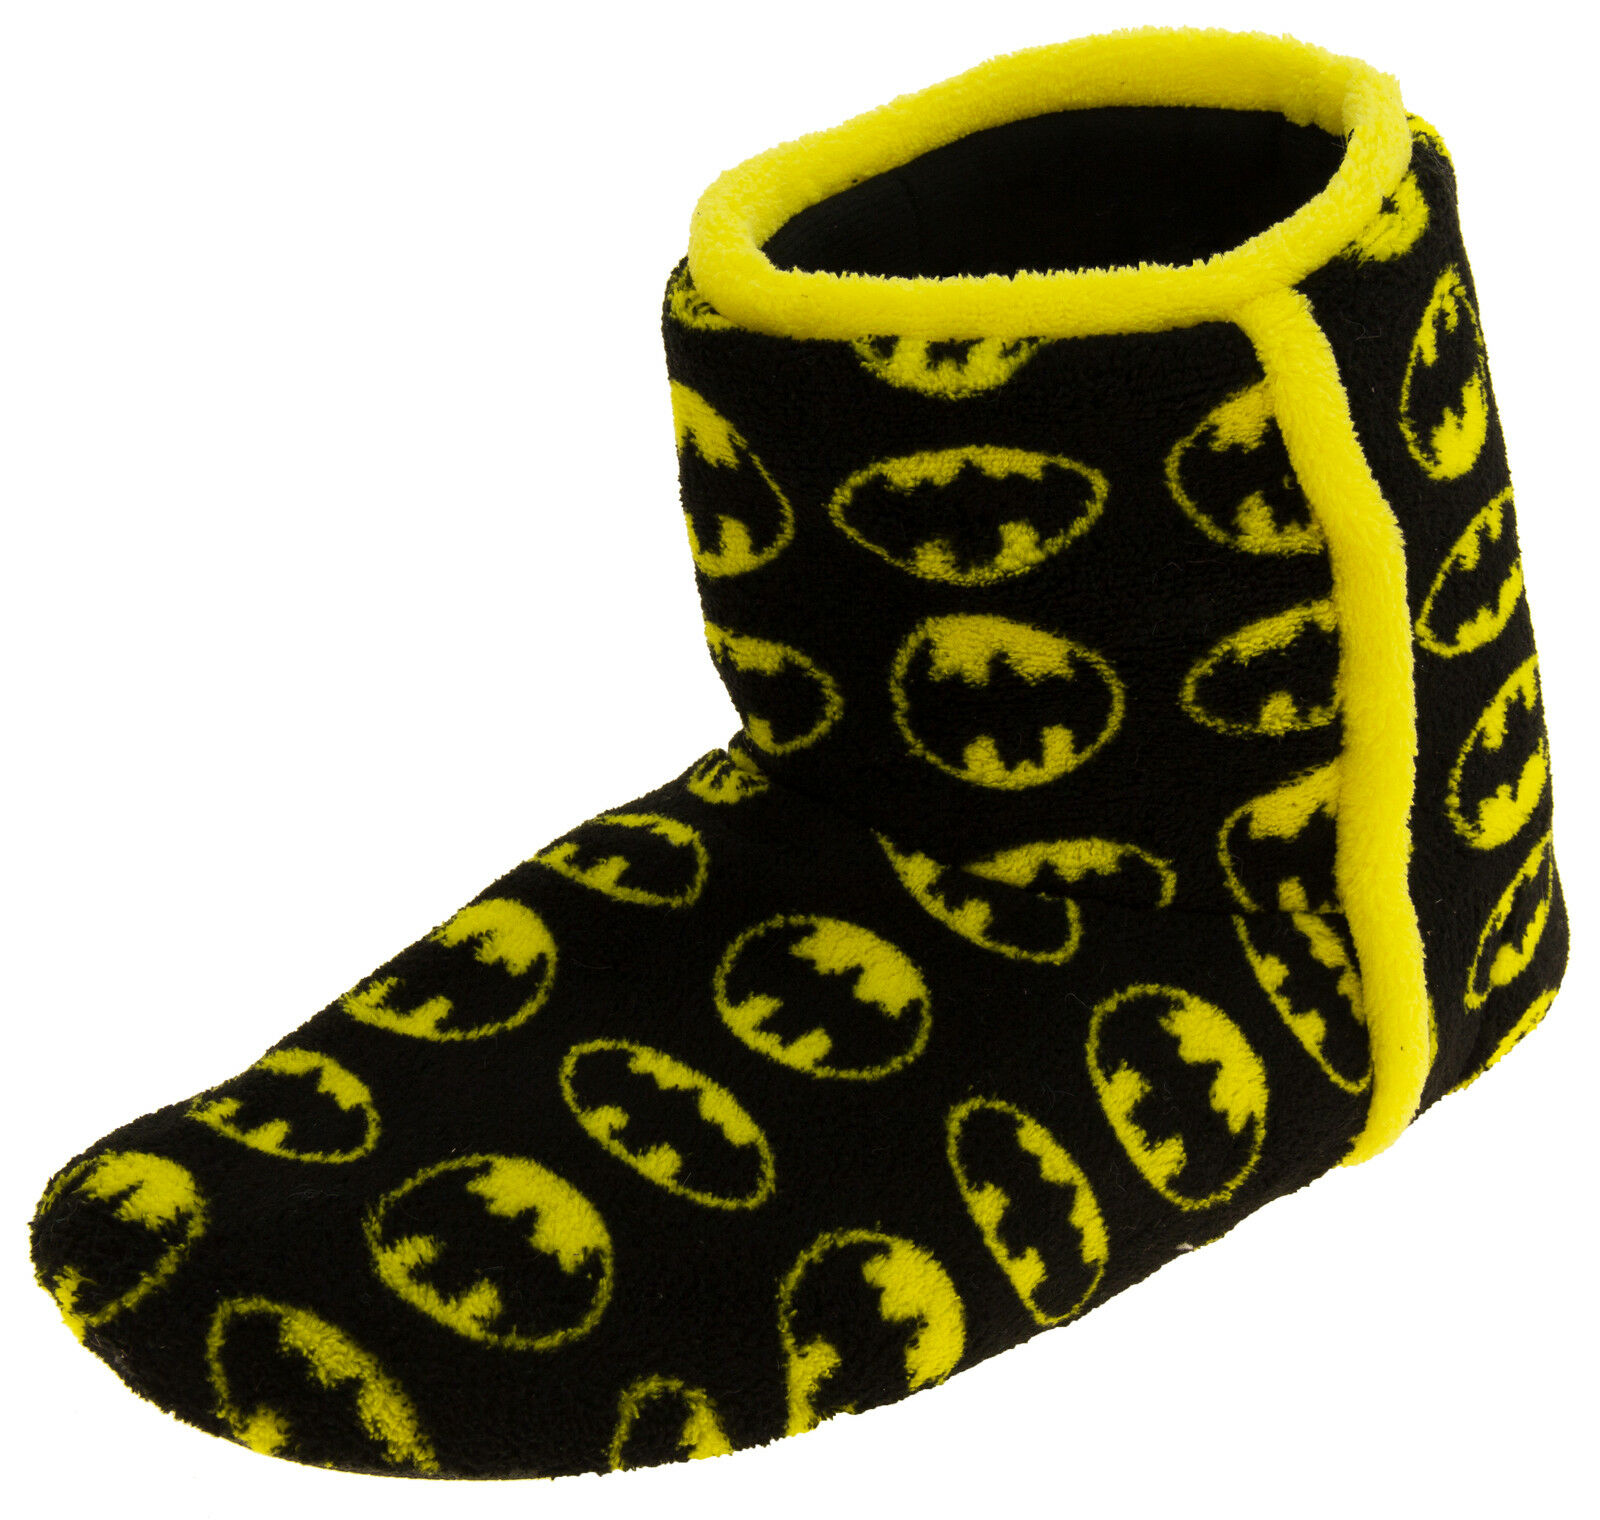 Homme magnifique Batman Chaud Polaire Chaud Batman À Enfiler Bottes Pantoufles Tailles UK 7 8 9 10 11 12 8b8a00